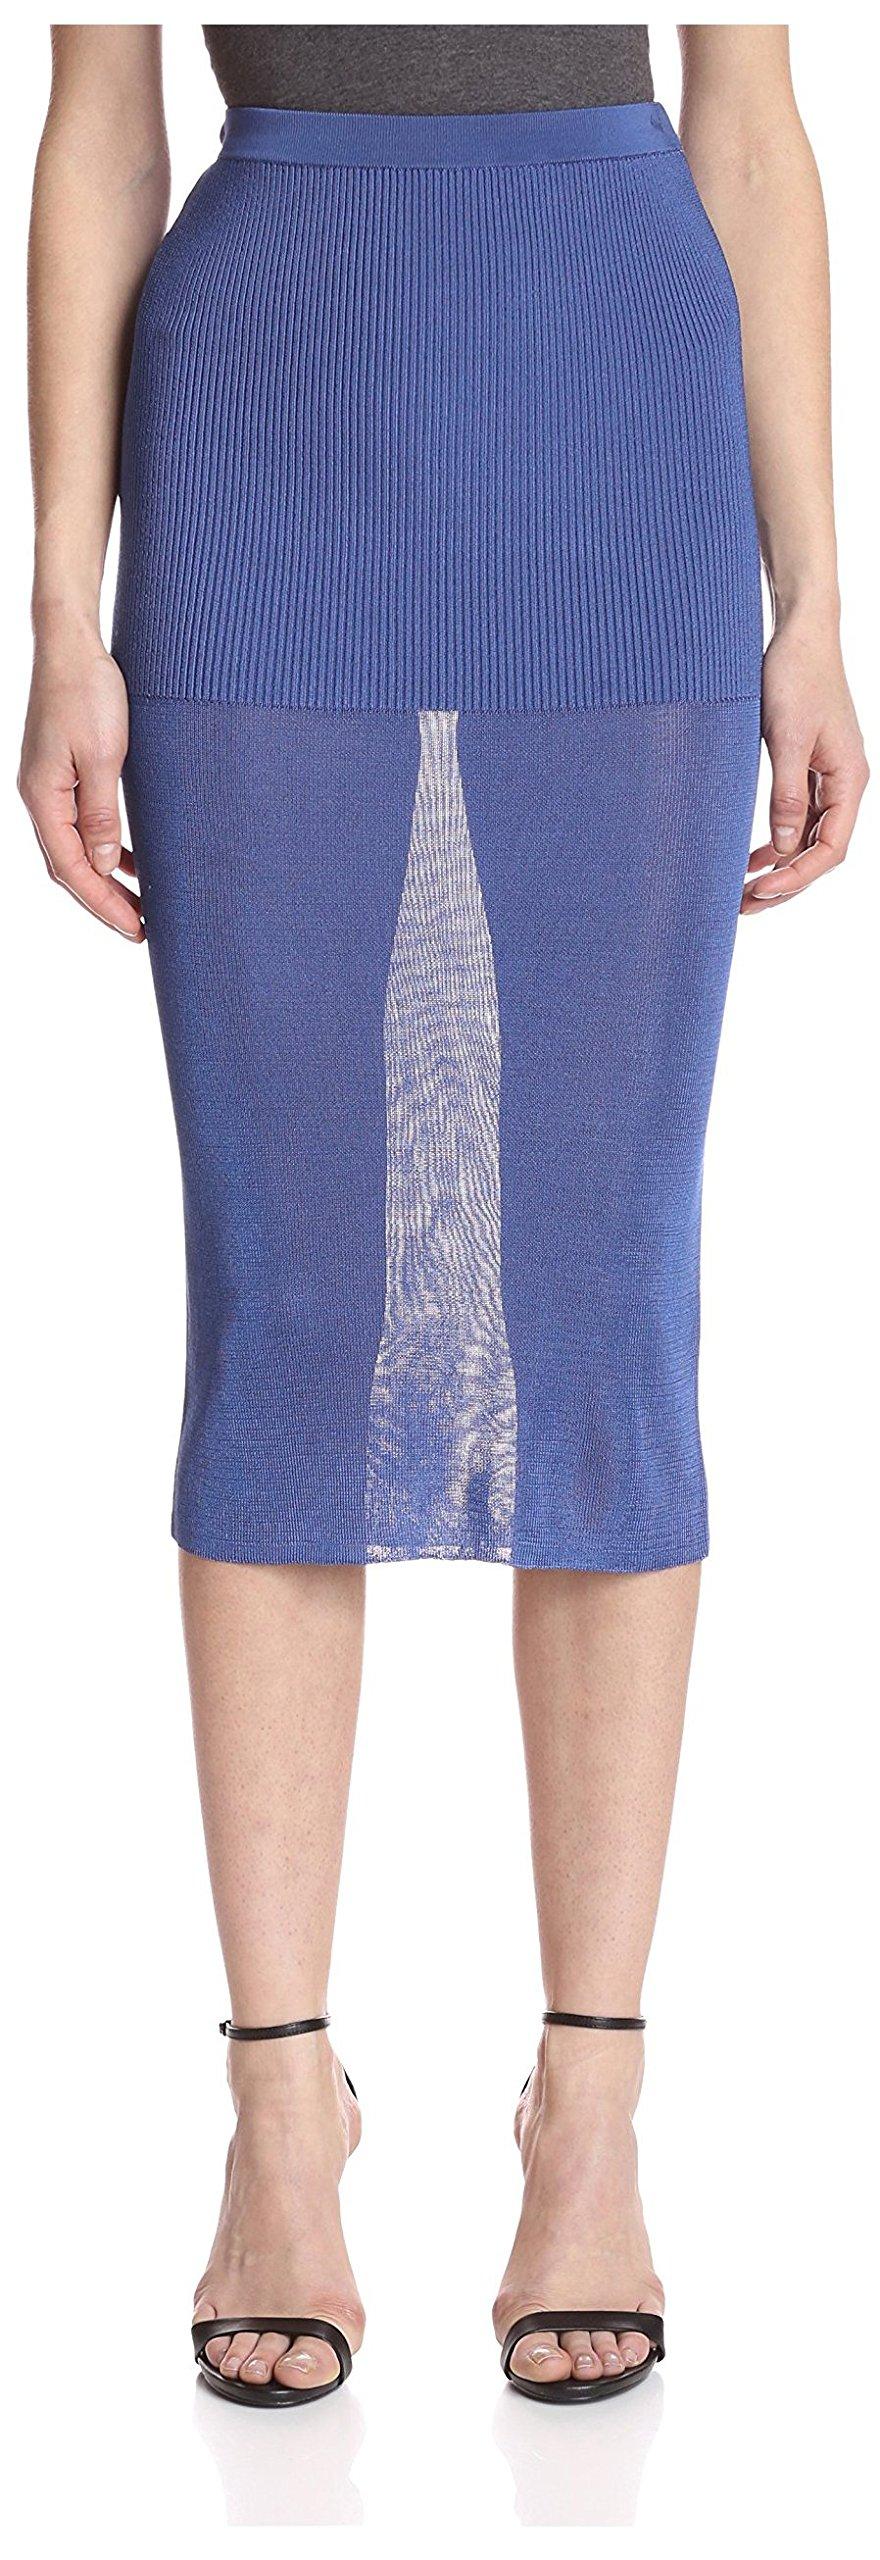 Ronny Kobo Women's Pencil Skirt, Blue, M